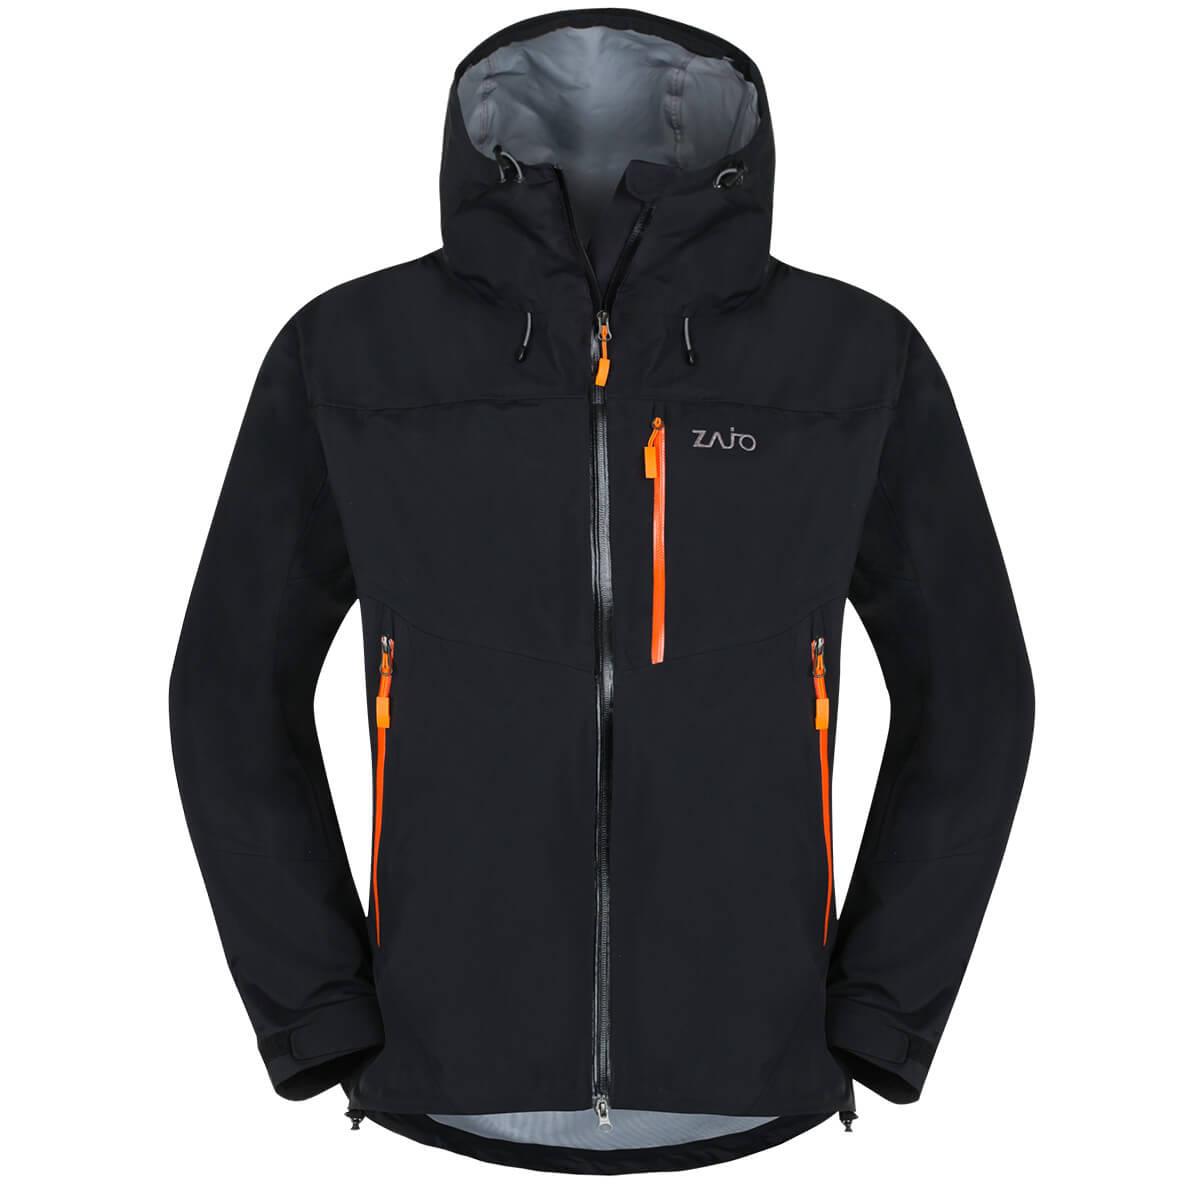 a50005ab902d Pánska bunda Zajo Garmish JKT Black - veľkosť L